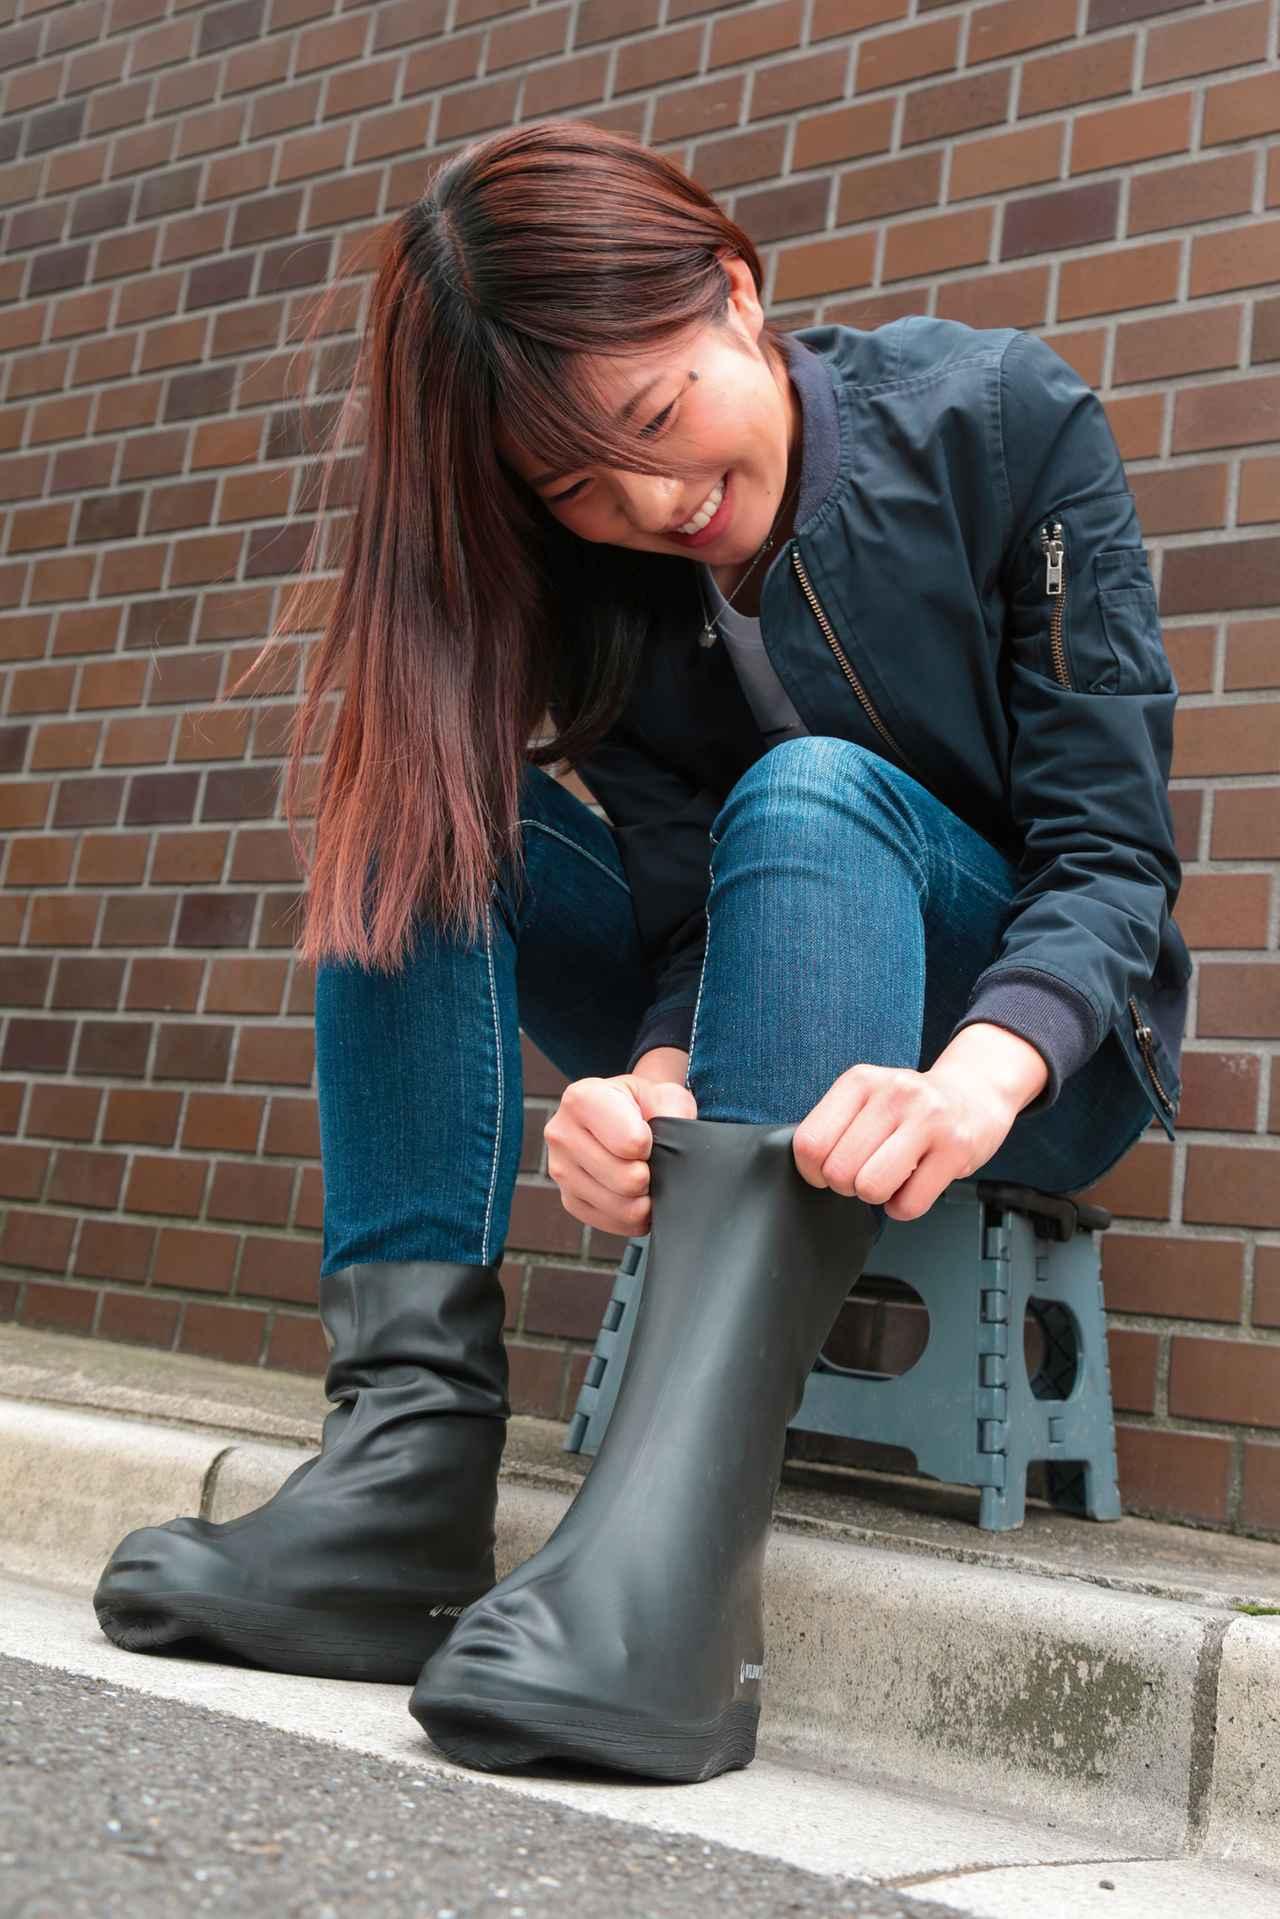 Images : 2番目の画像 - 「「雨が降るかも!」そんな日に持ち歩きたい、完全防水のブーツカバー『WILDWING レインブーツカバー』」のアルバム - webオートバイ